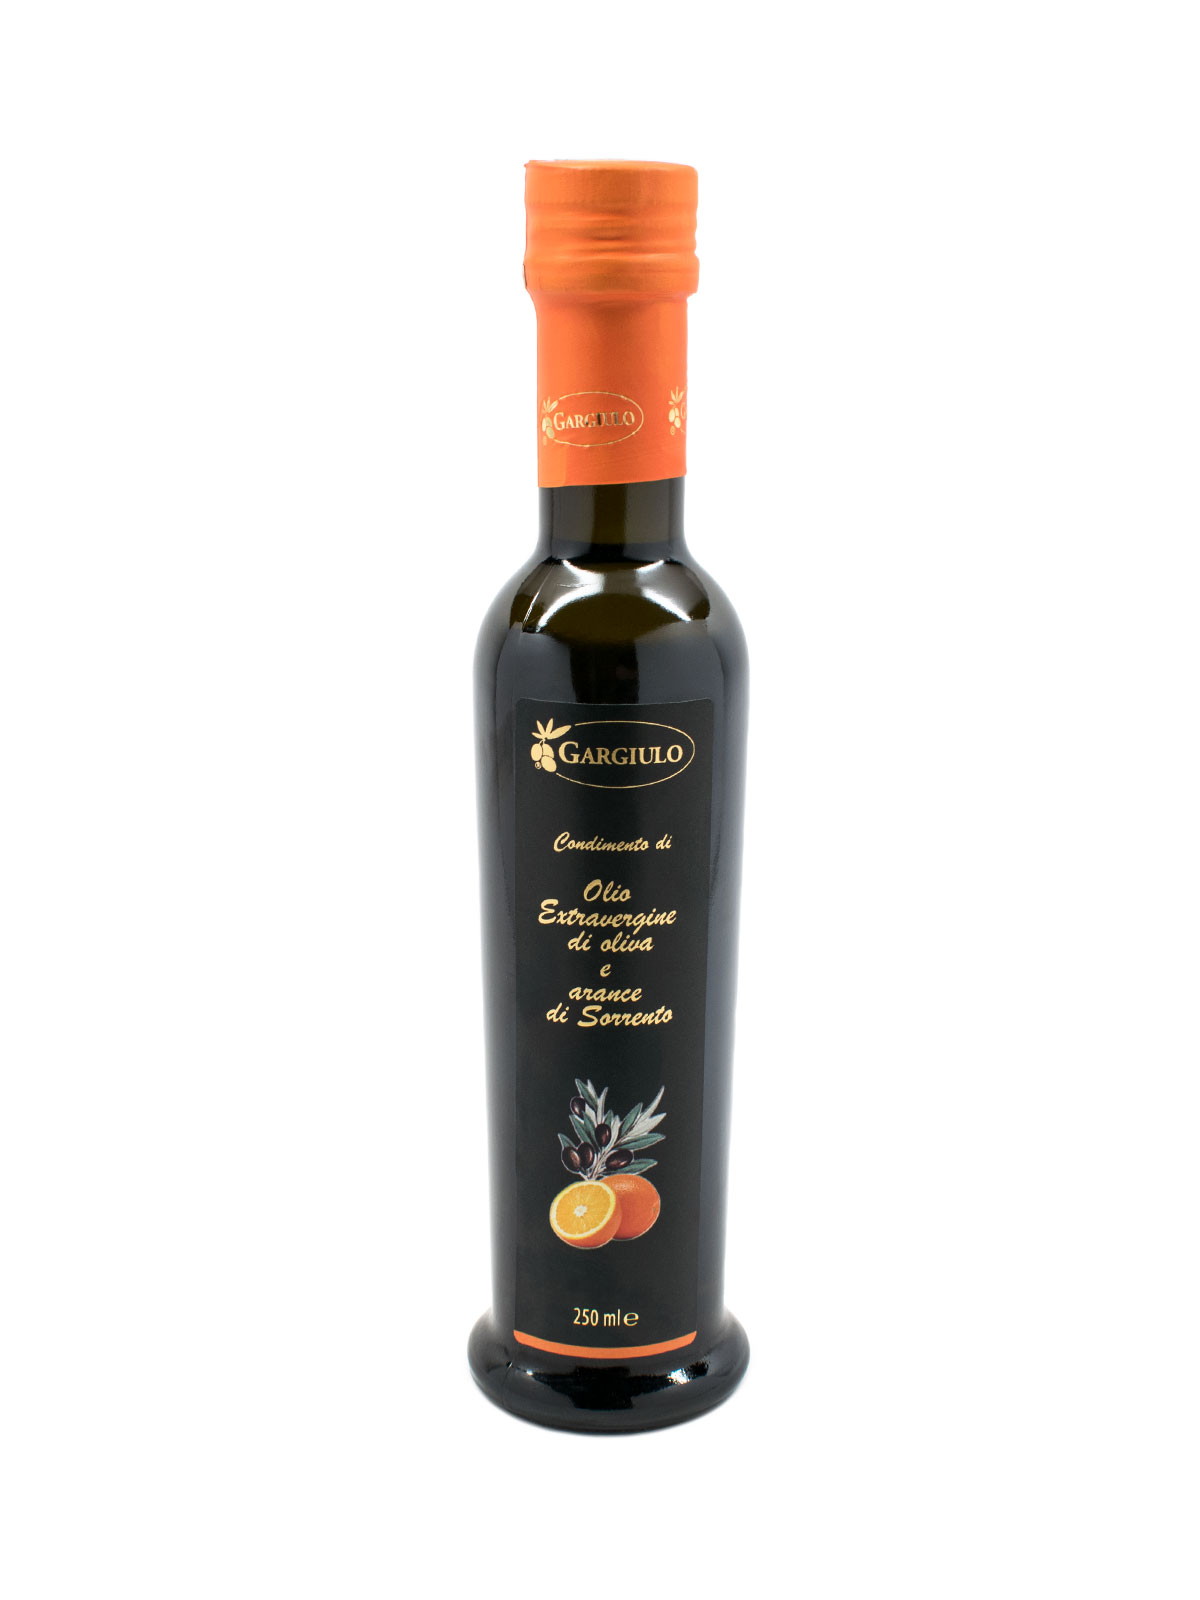 Sorrento Orange Olive Oil - Oils & Vinegars - Buon'Italia